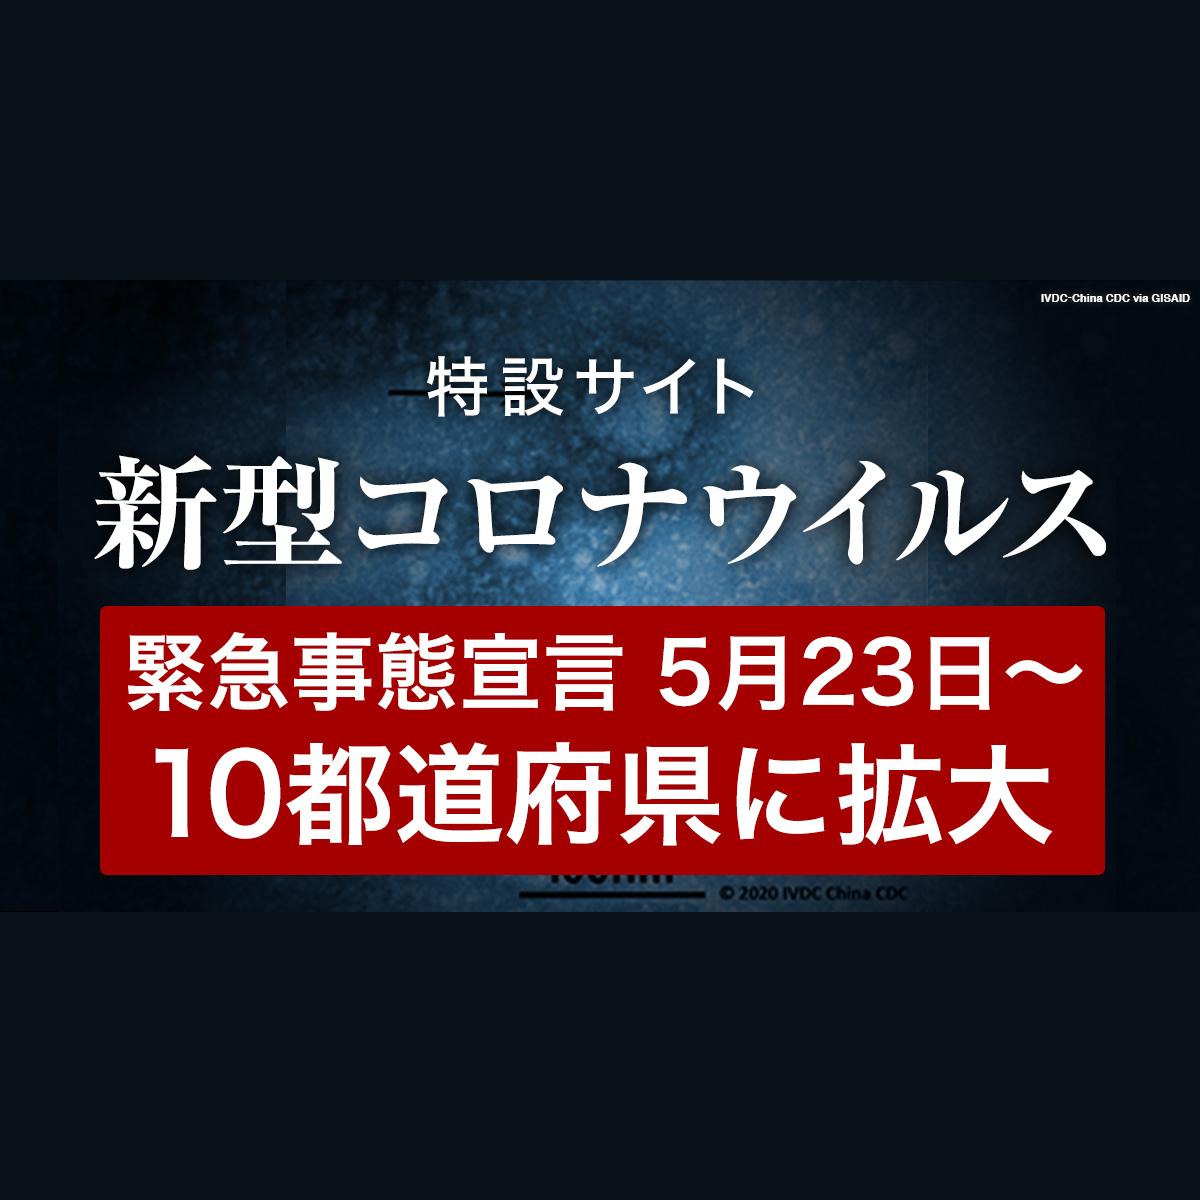 新型コロナウイルス 感染者数やNHK最新ニュース NHK特設サイト